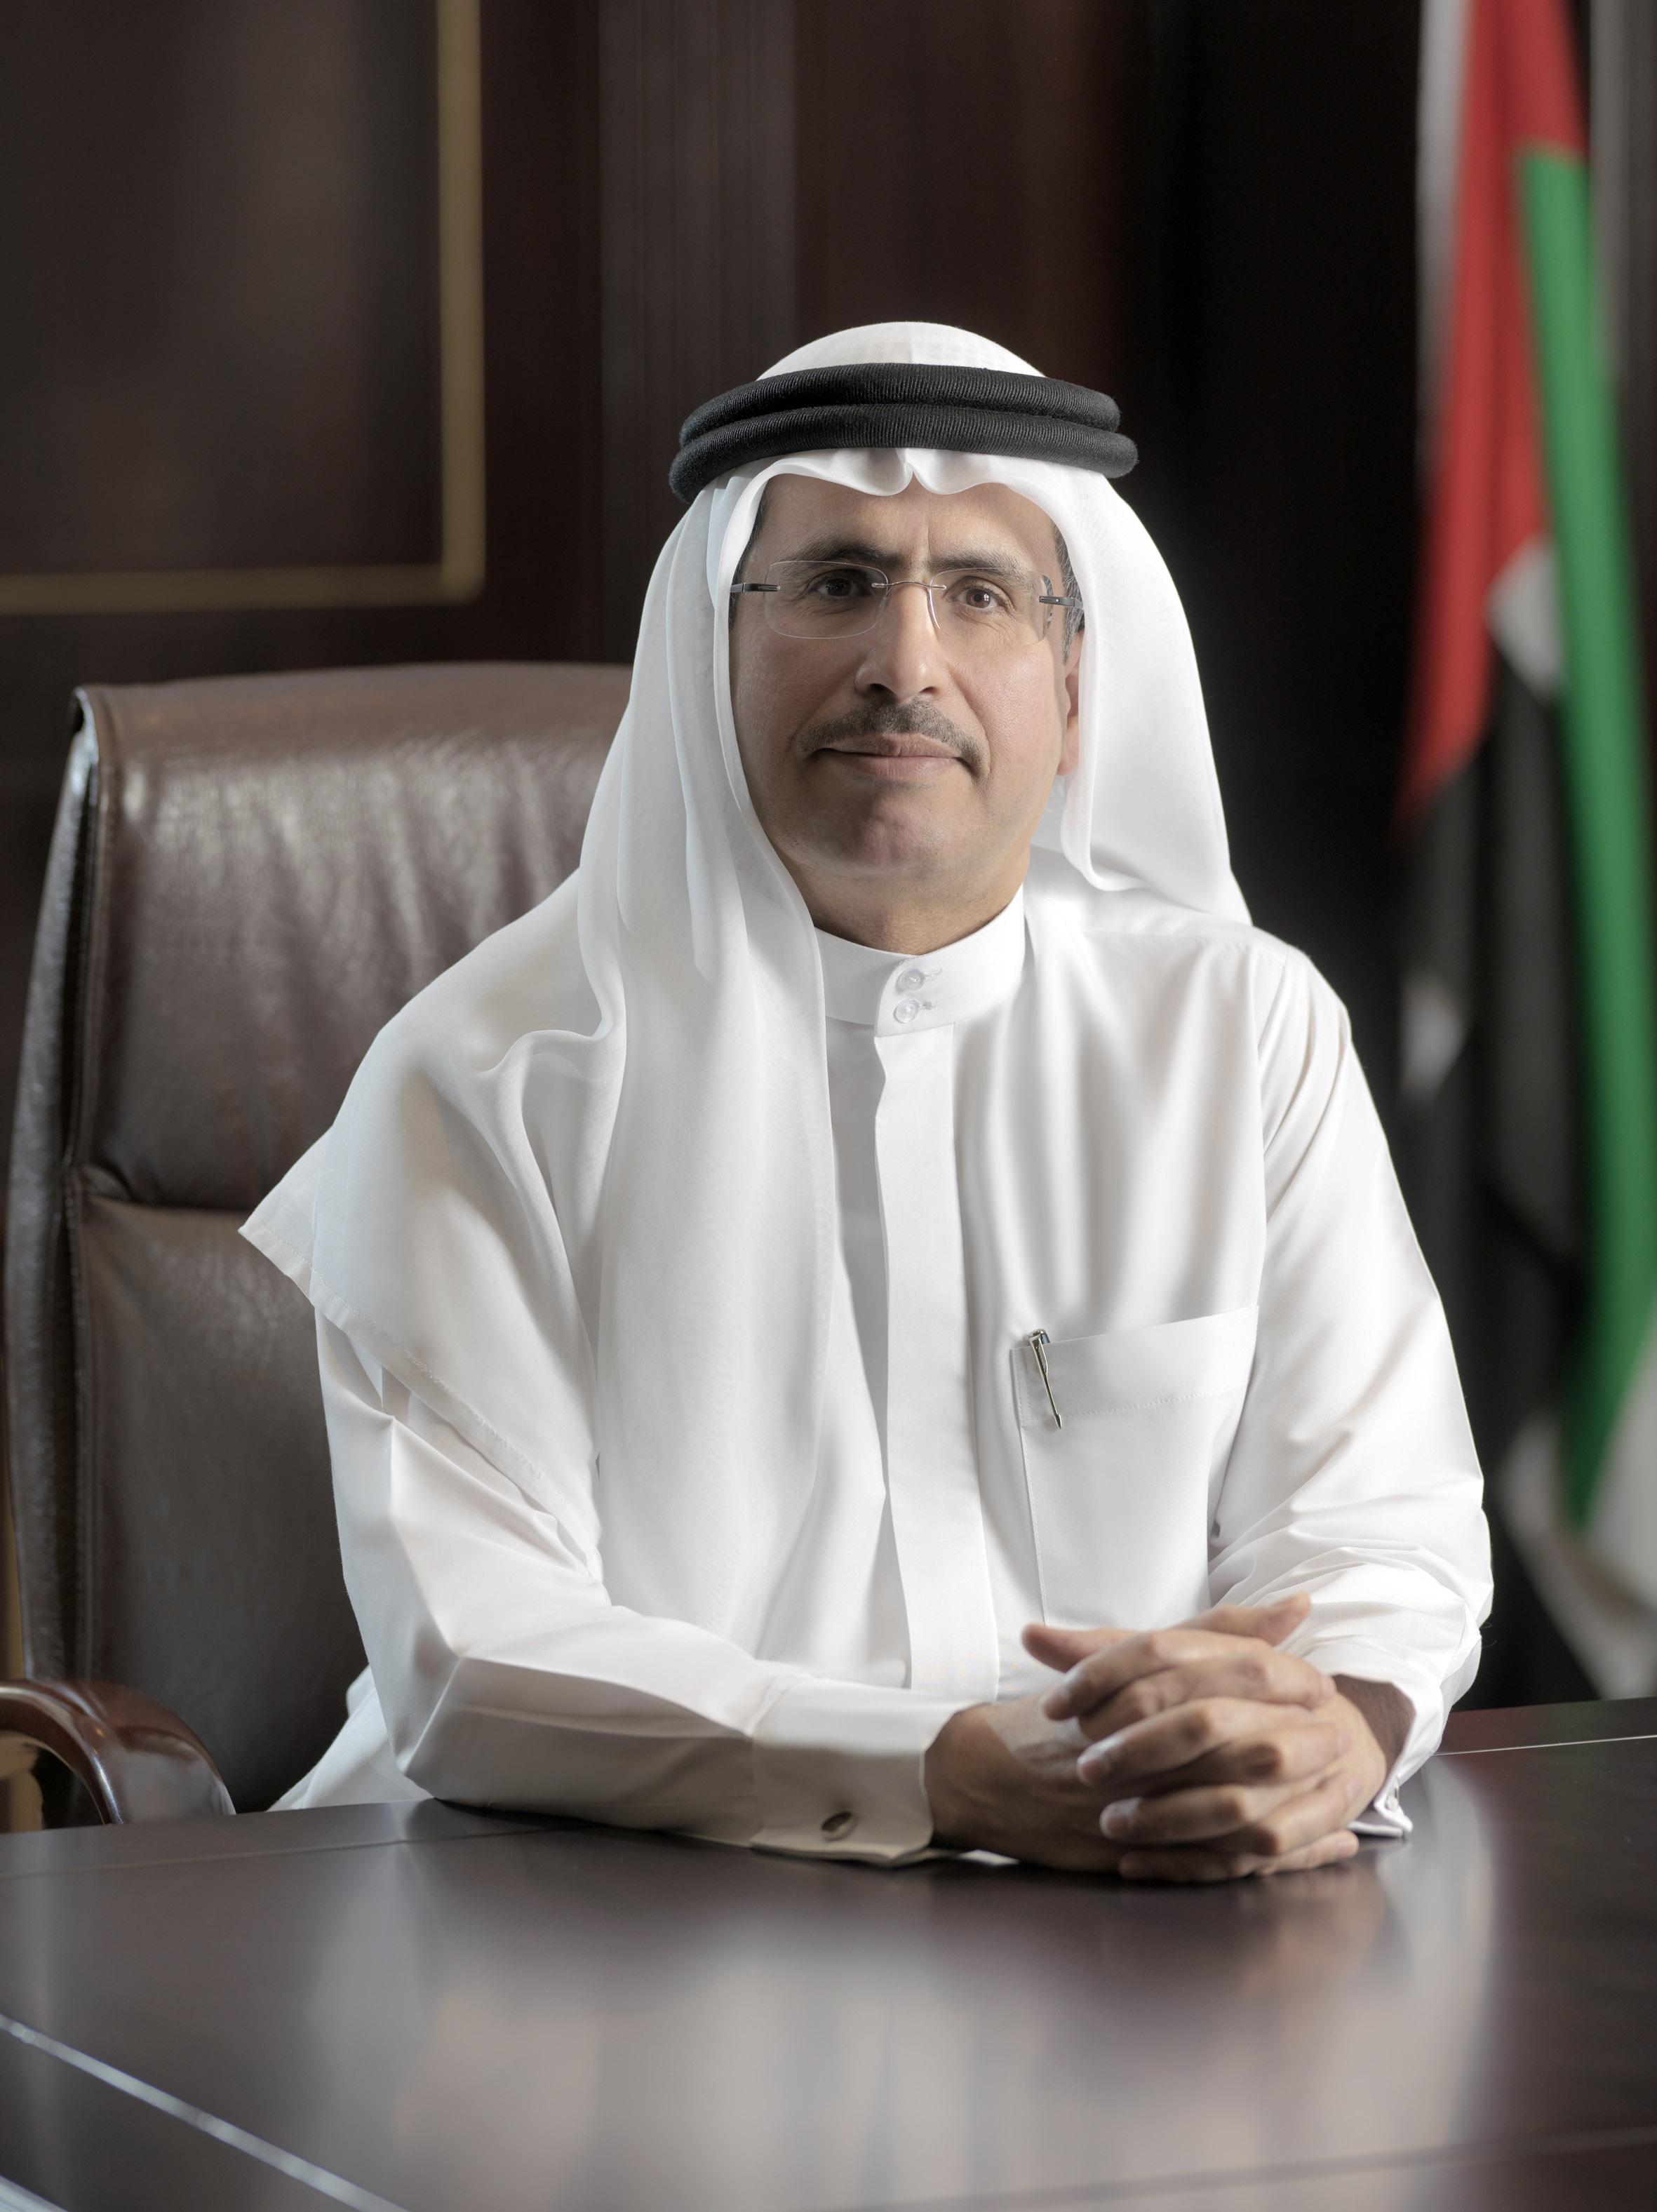 """هيئة كهرباء ومياه دبي تطور """"إطار عمل استشراف وصناعة المستقبل"""" لمواكبة التحولات المتسارعة في القطاعات الاستراتيجية"""